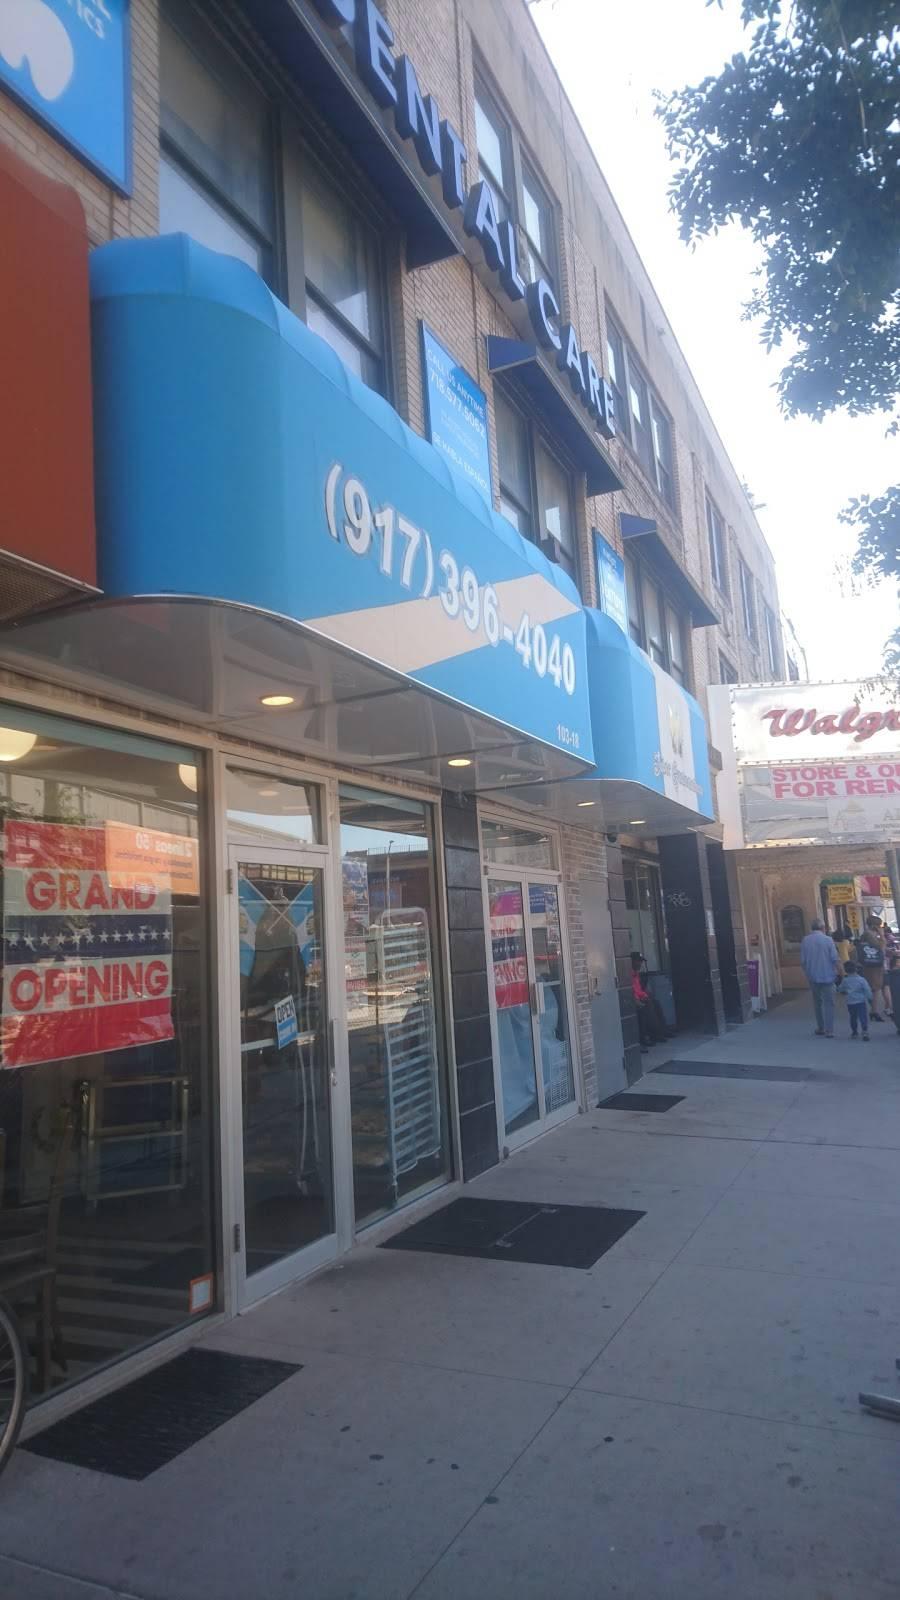 Sabor Guatemalteco | restaurant | 103-18 Roosevelt Ave, Corona, NY 11368, USA | 9173964040 OR +1 917-396-4040